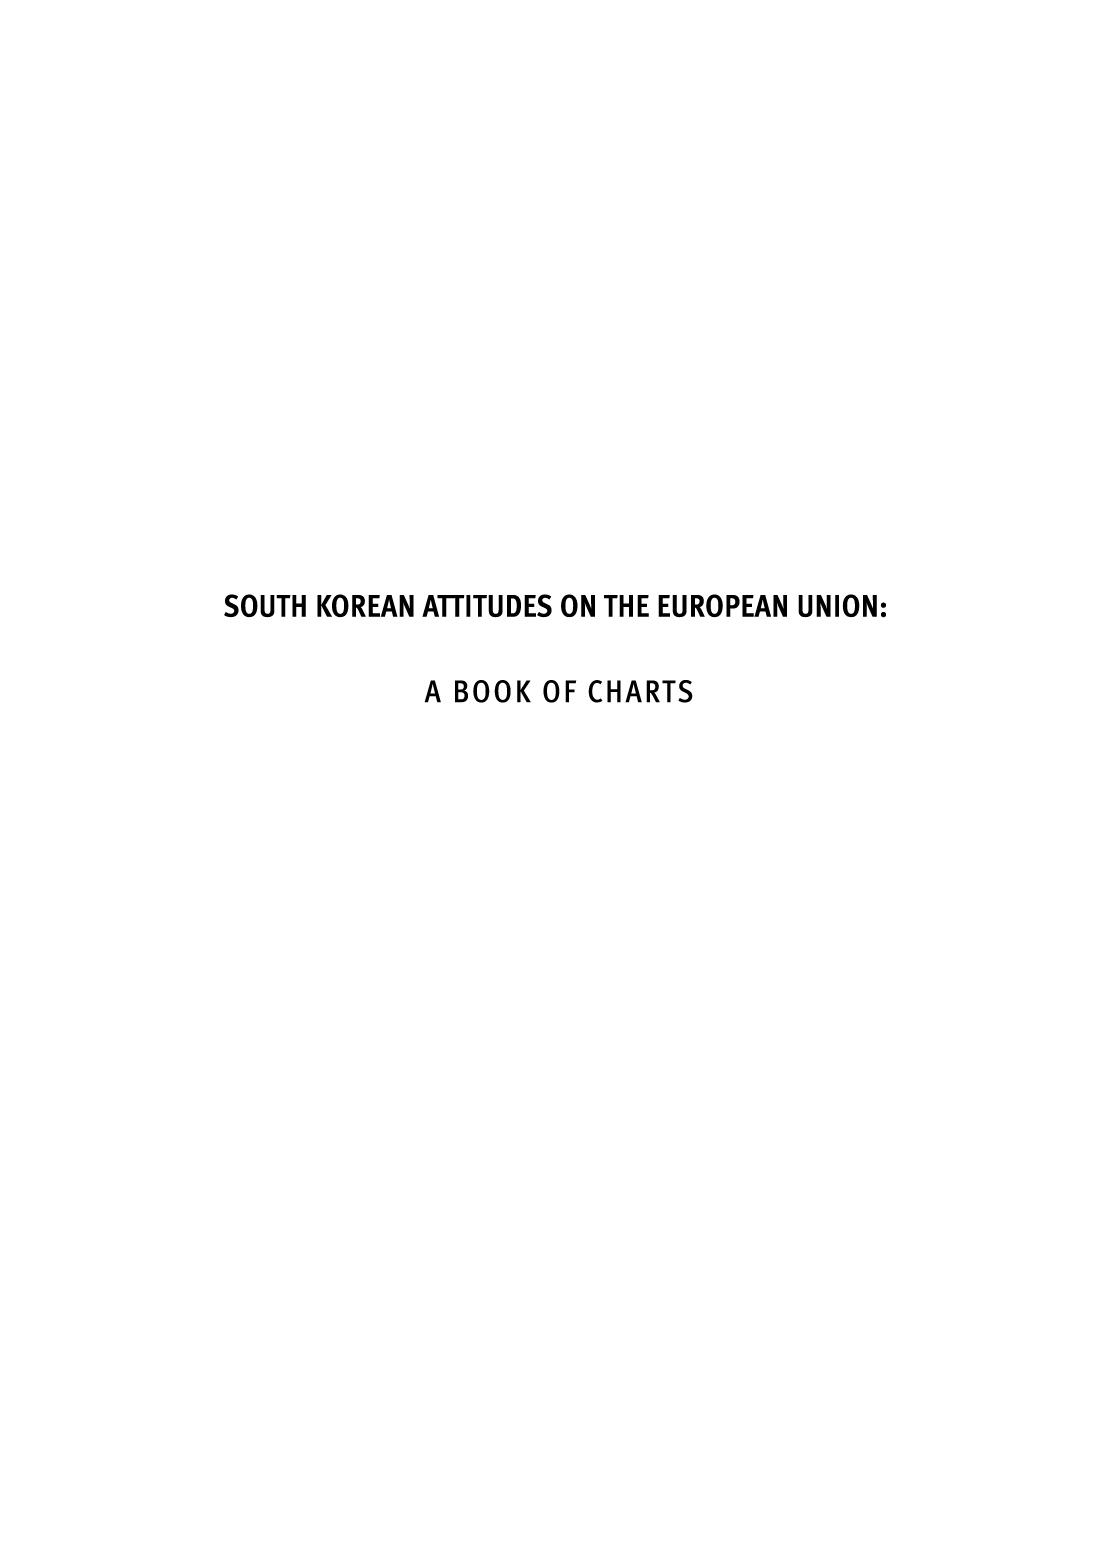 EUbook_0213-09